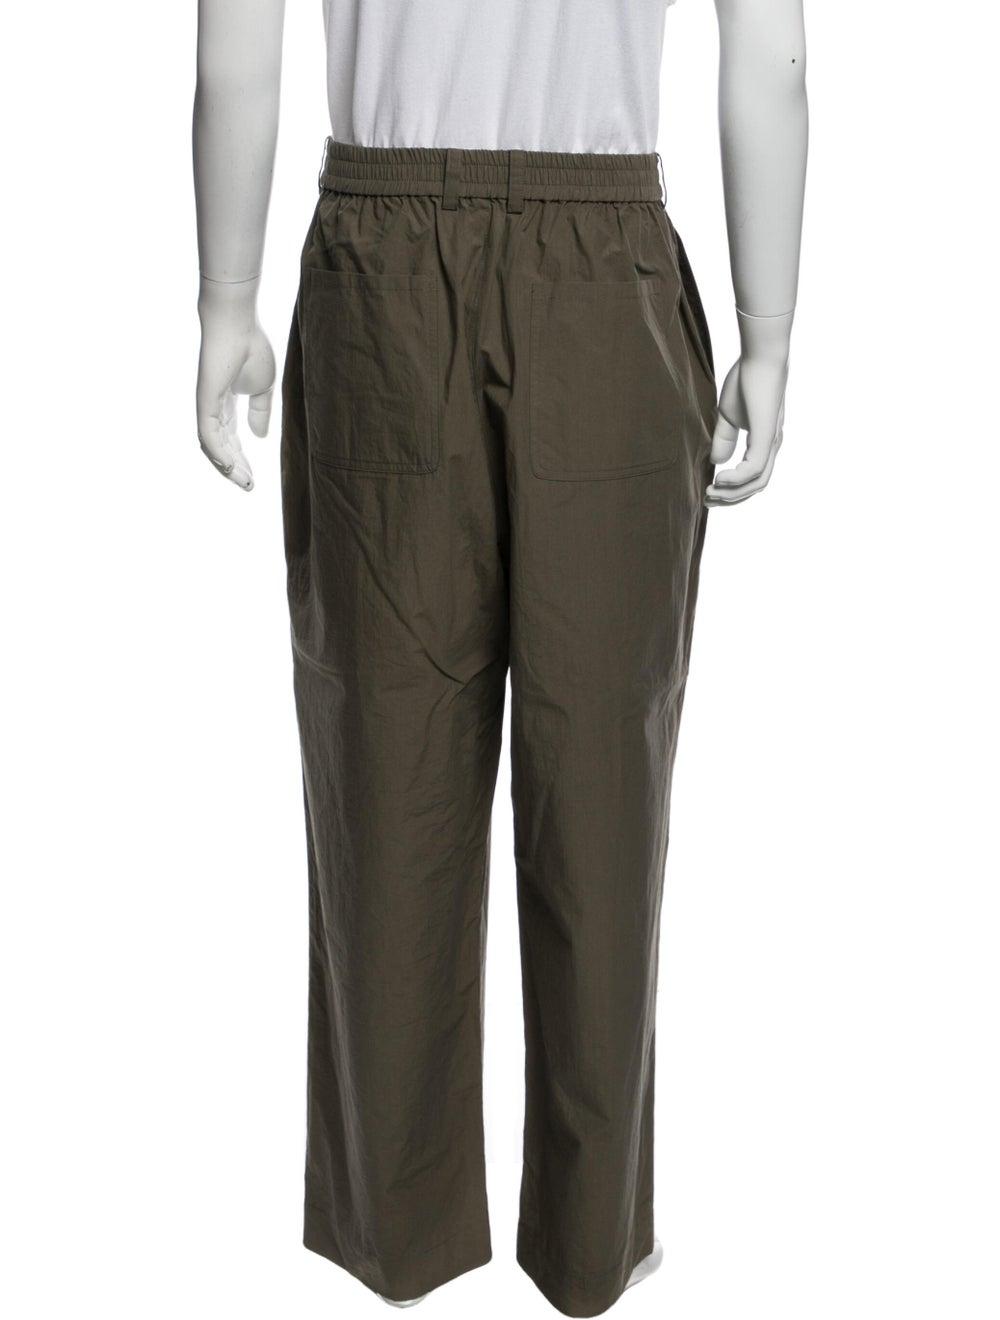 Deveaux Pants Green - image 3